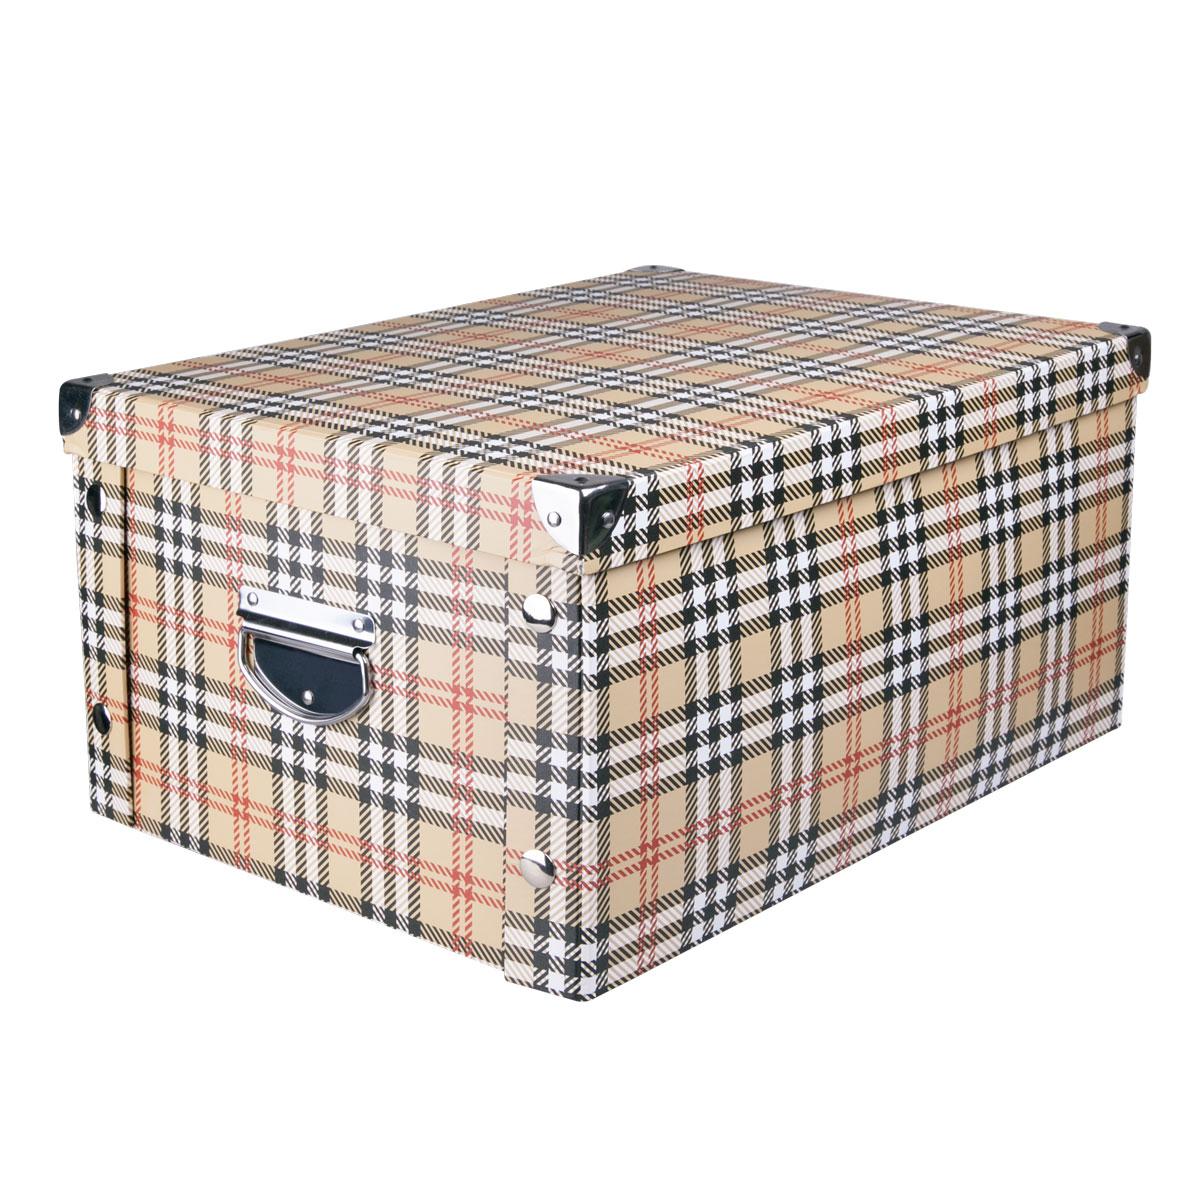 Коробка для хранения Miolla, 40 х 30 х 20 см. CFB-07370583Коробка для хранения Miolla прекрасно подойдет для хранения бытовых мелочей, документов, аксессуаров для рукоделия и других мелких предметов. Коробка поставляется в разобранном виде, легко и быстро складывается. Плотная крышка и удобные для переноски металлические ручки станут приятным дополнением к функциональным достоинствам коробки. Удобная крышка не даст ни одной вещи потеряться, а оптимальный размер подойдет для любого шкафа или полки.Компактная, но при этом вместительная коробка для хранения станет яркой нотой в вашем интерьере.